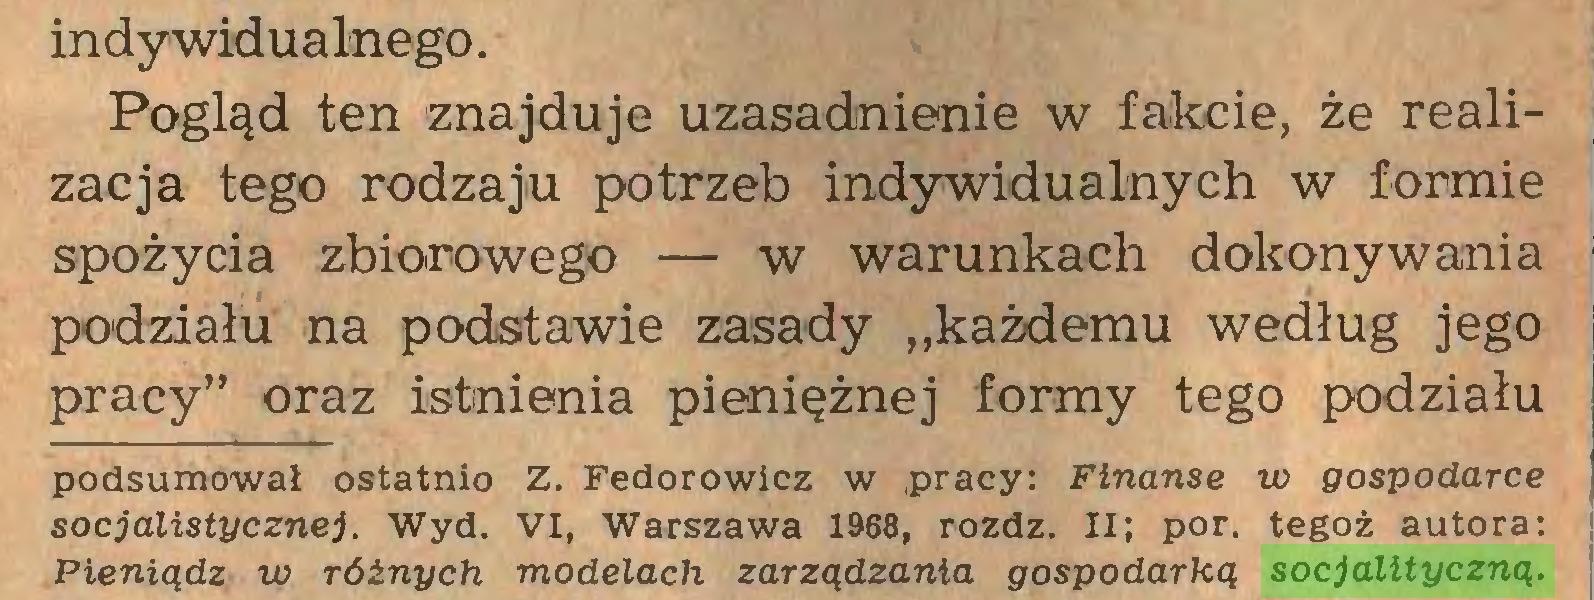 """(...) indywidualnego. Pogląd ten znajduje uzasadnienie w fakcie, że realizacja tego rodzaju potrzeb indywidualnych w formie spożycia zbiorowego — w warunkach dokonywania podziału na podstawie zasady """"każdemu według jego pracy"""" oraz istnienia pieniężnej formy tego podziału podsumował ostatnio Z. Fedorowicz w pracy: Finanse w gospodarce socjalistycznej. Wyd. VI, Warszawa 1968, rozdz. II; por. tegoż autora: Pieniądz w różnych modelach zarządzania gospodarką socjalityczną..."""